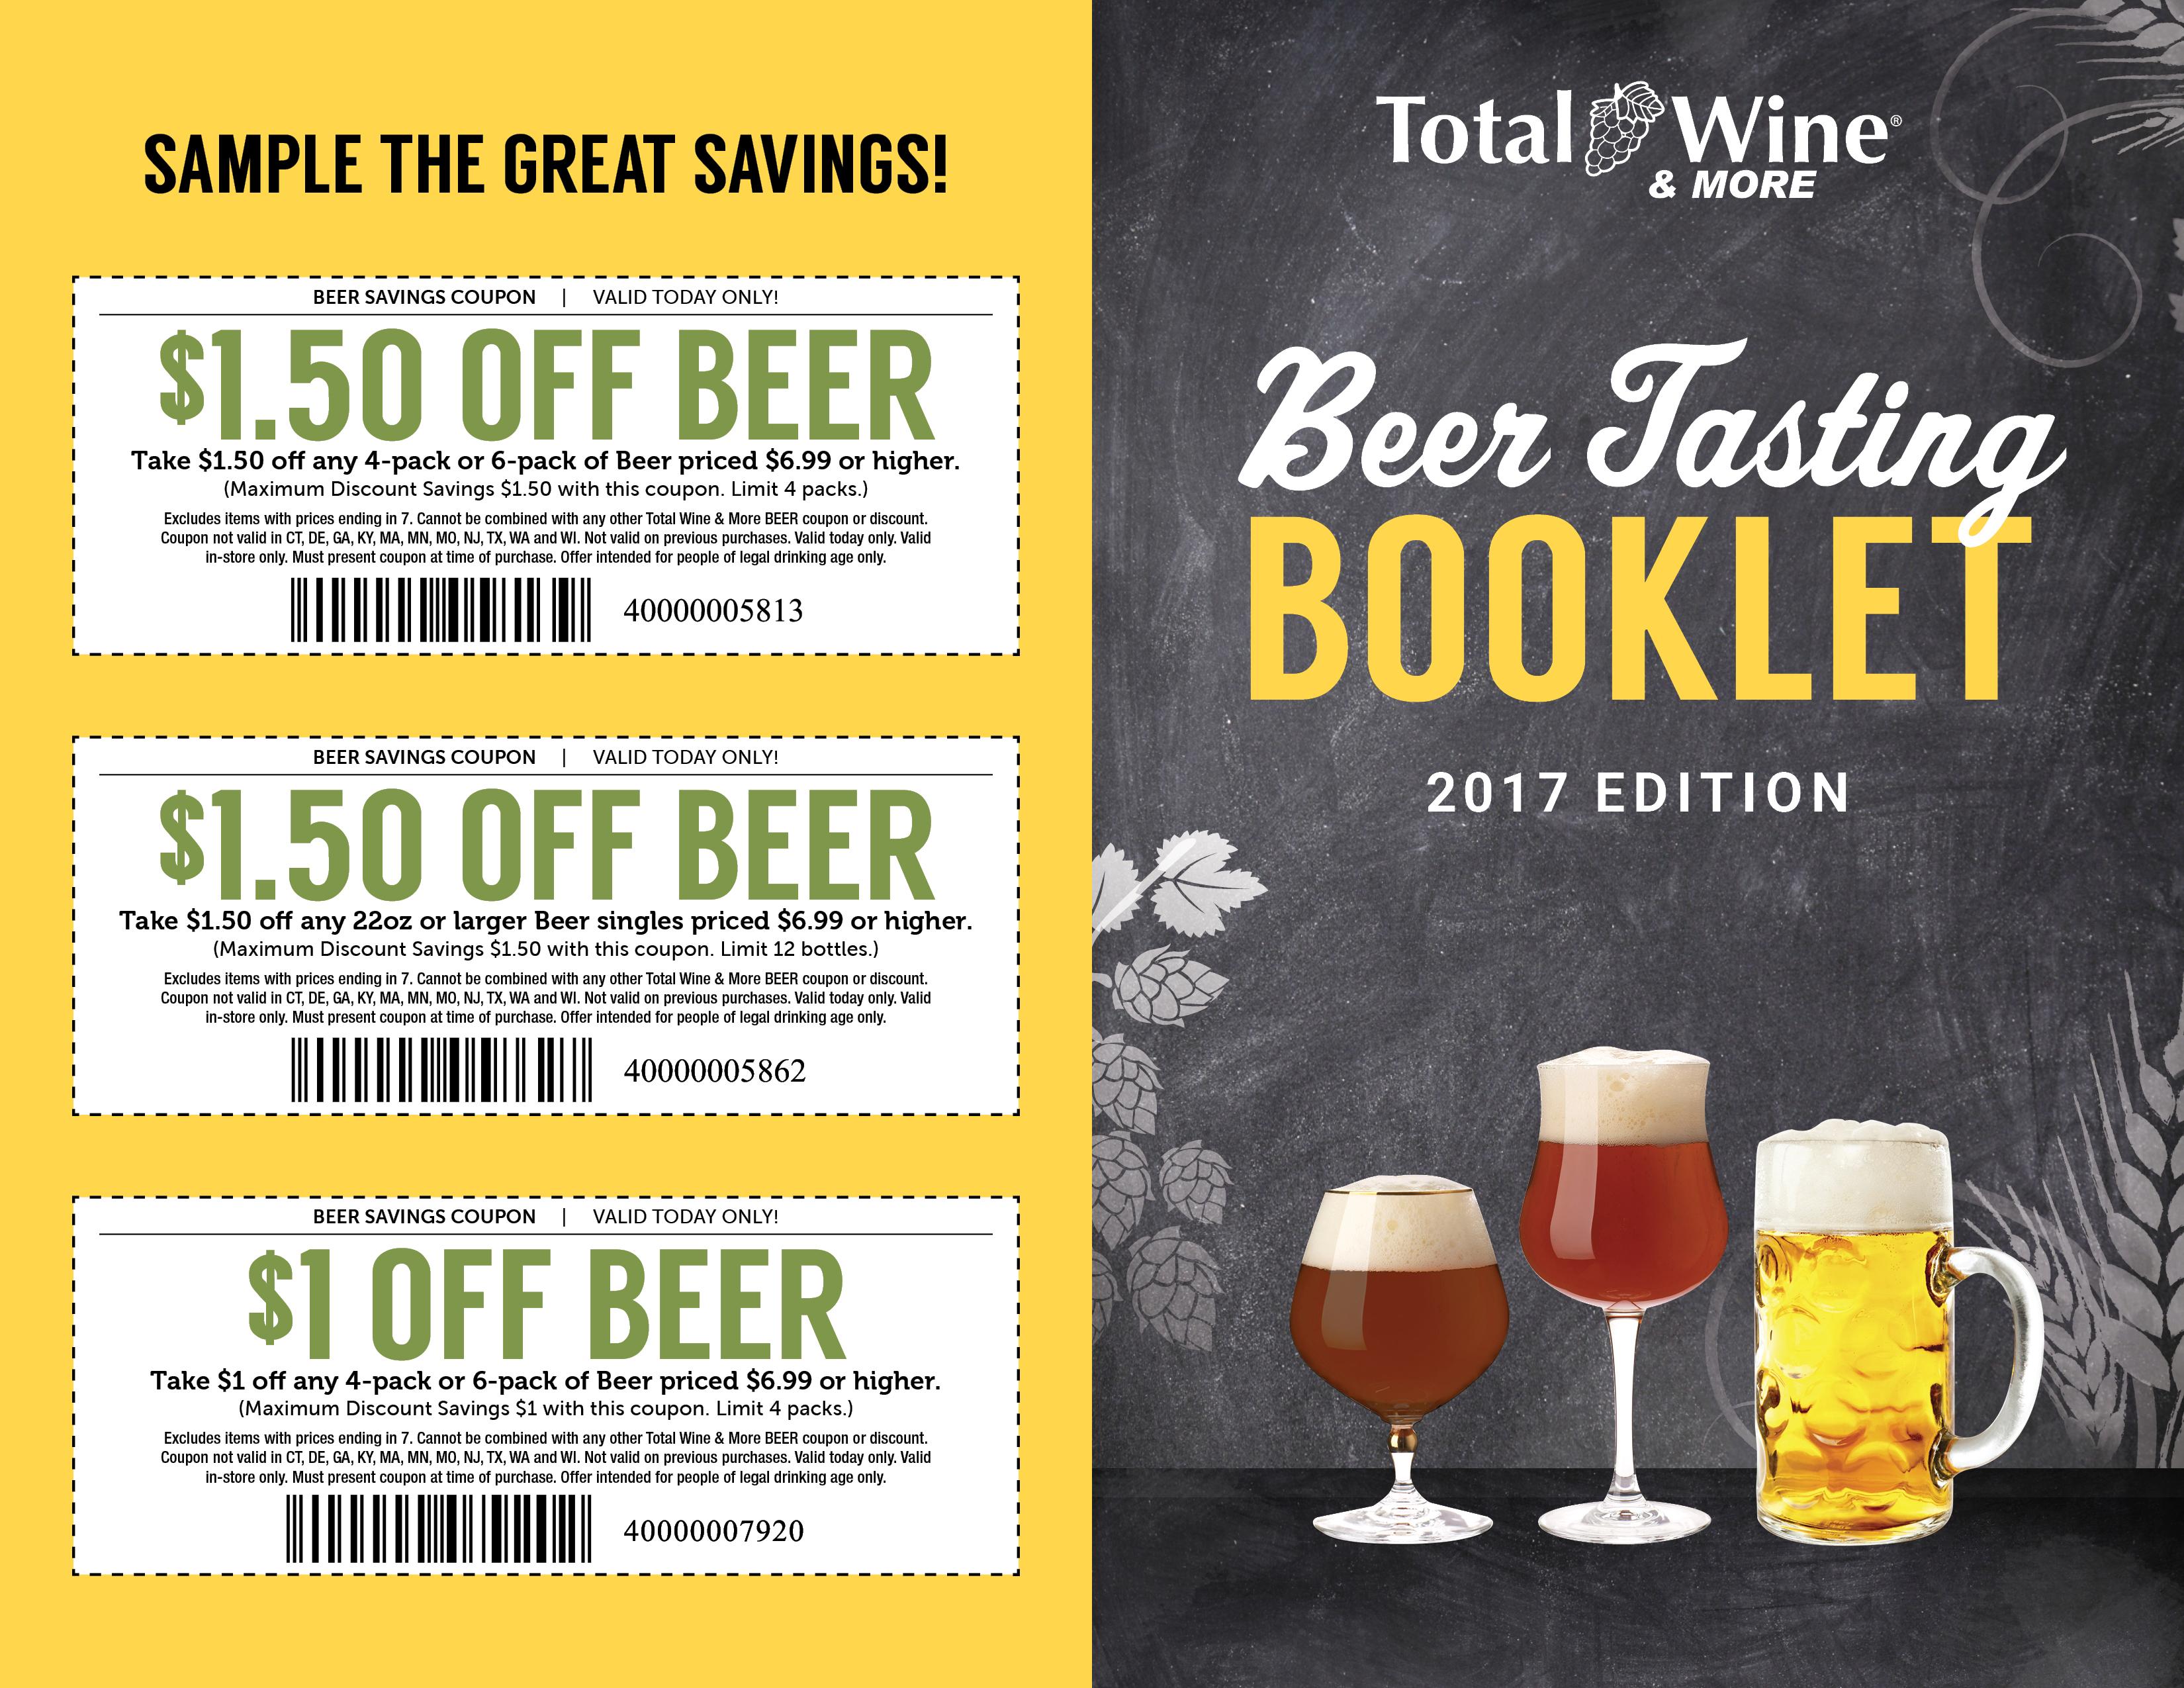 2017_Beer Tasting Booklet